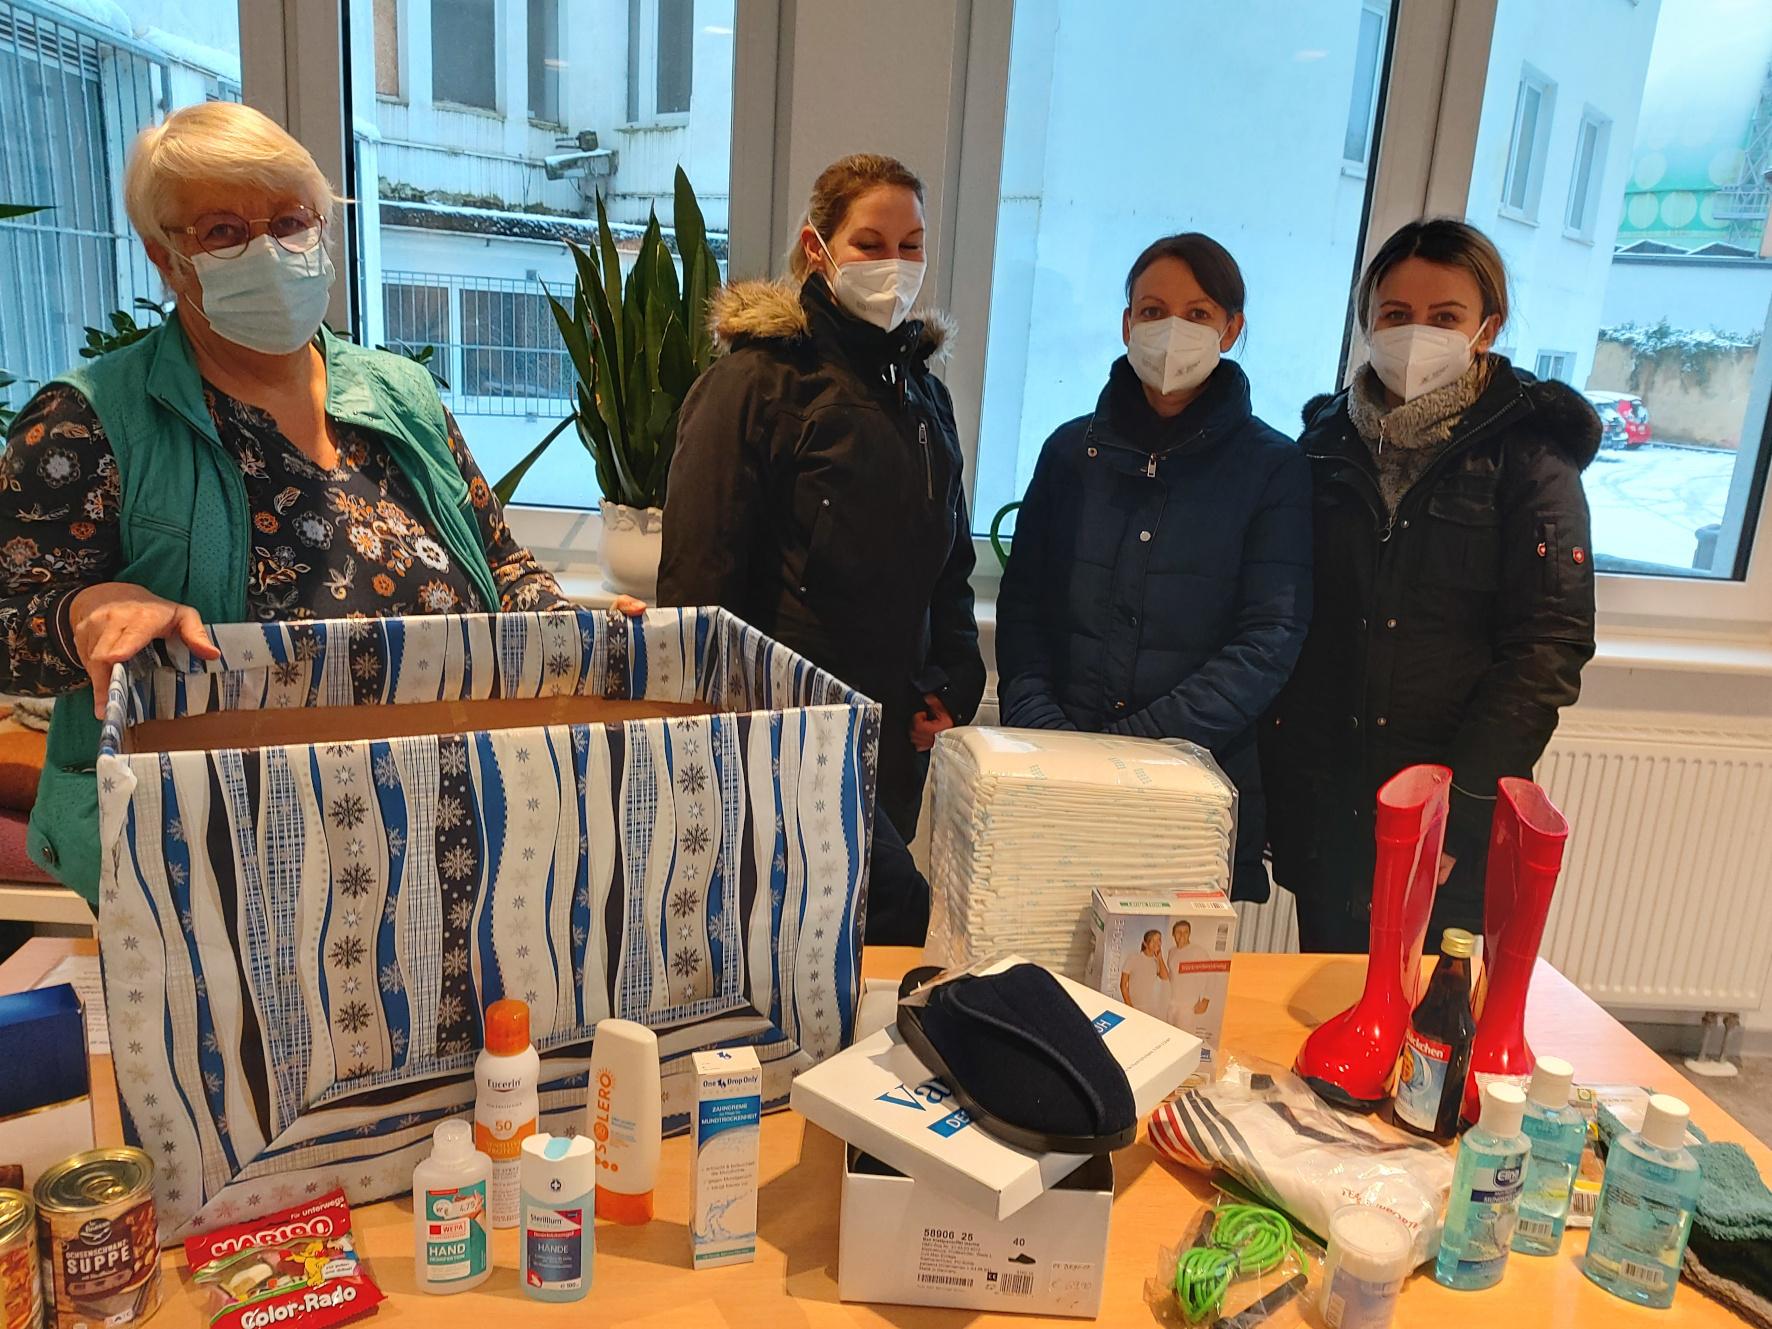 Jutta Peitz (links) von der Wärmestubb nimmt die Spende der Kunden der Doc's-Apotheke entgegen. Foto: Diakonie Saar / Krack